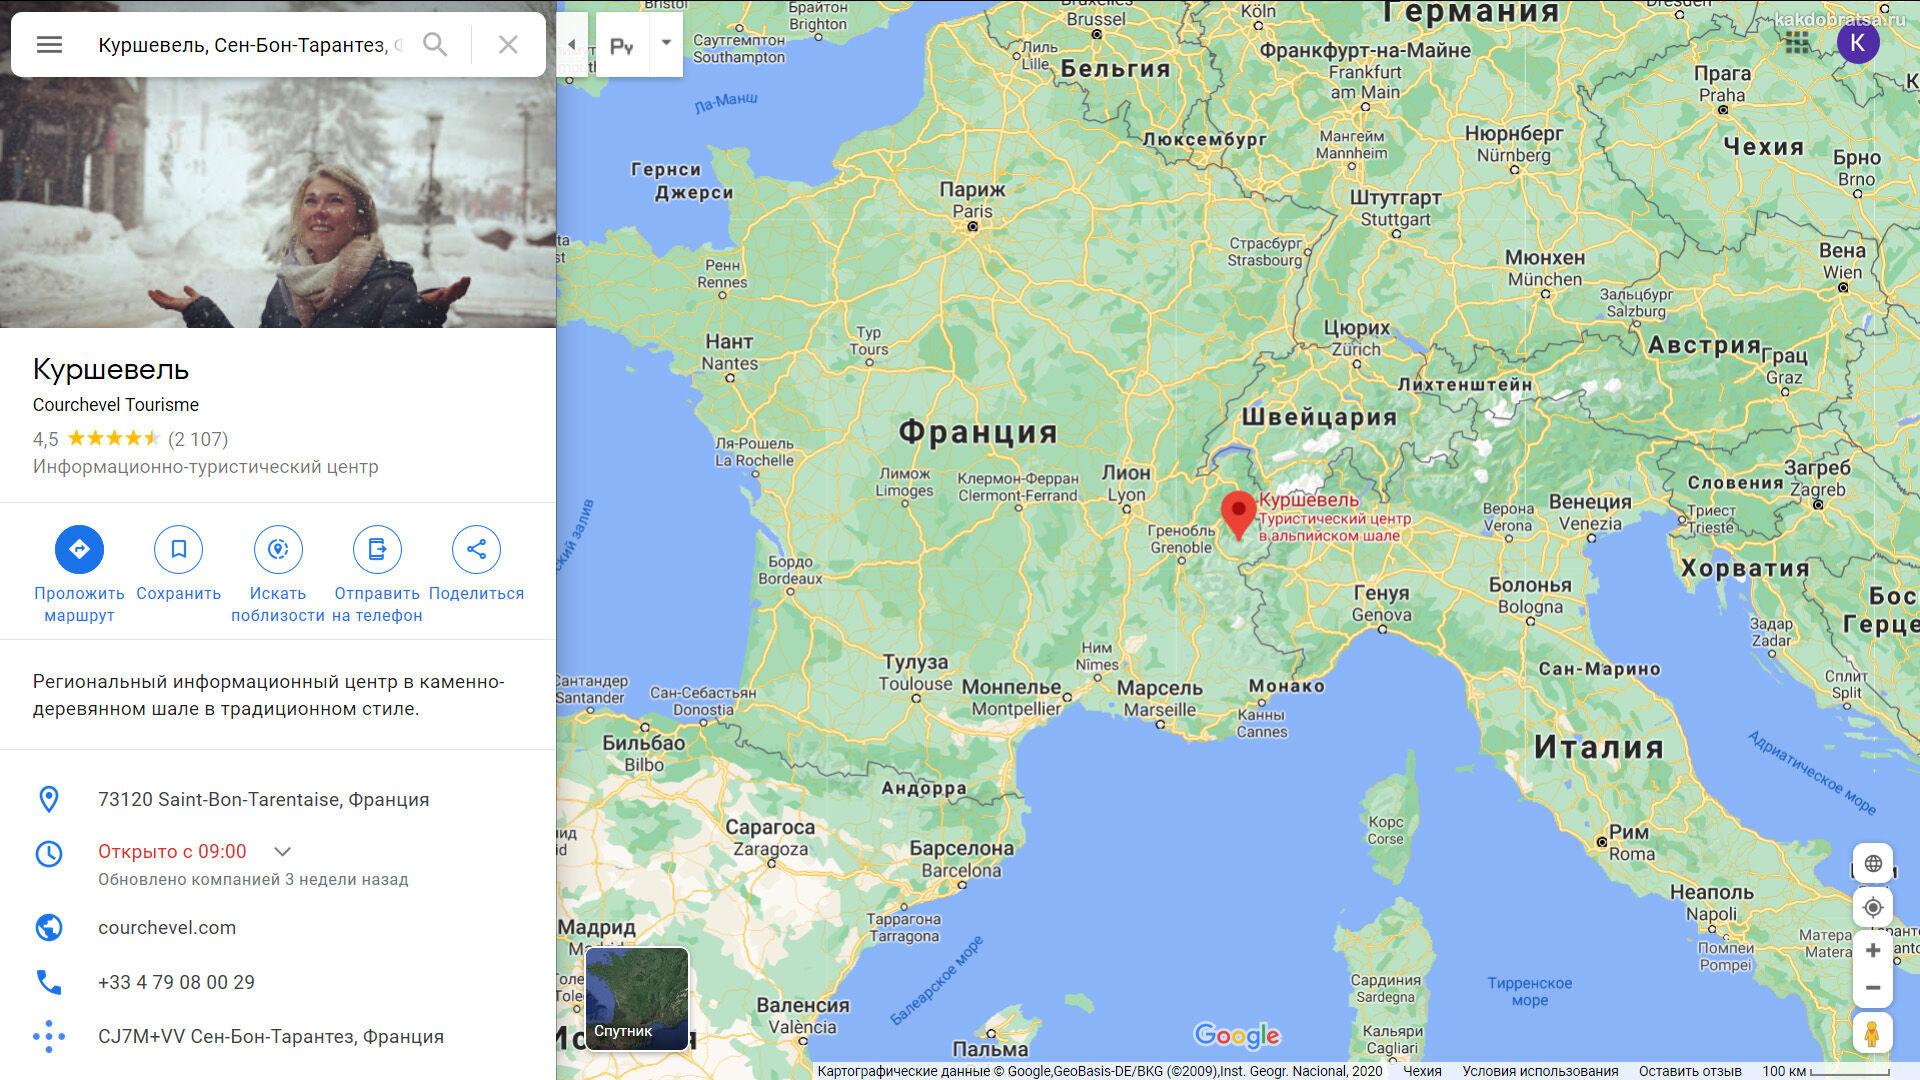 Расположение курорта Куршевель на карте